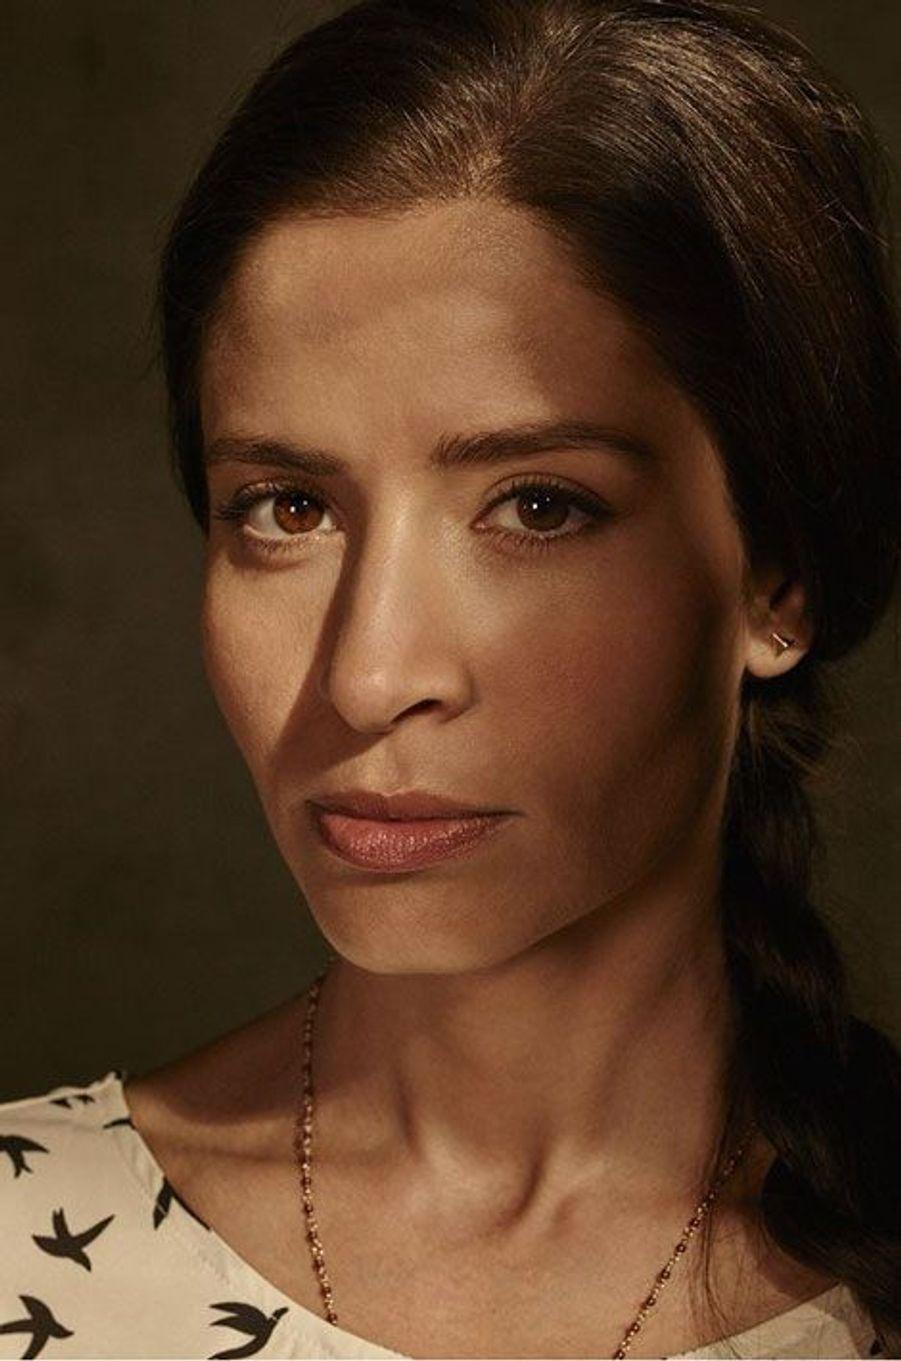 Ofelia est la fille de Griselda et Daniel. Elle est très protective envers ses parents qui sont des immigrés, même s'ils ne sont pas toujours d'accord. Elle est dévouée et toujours prête à se battre pour ses convictions.